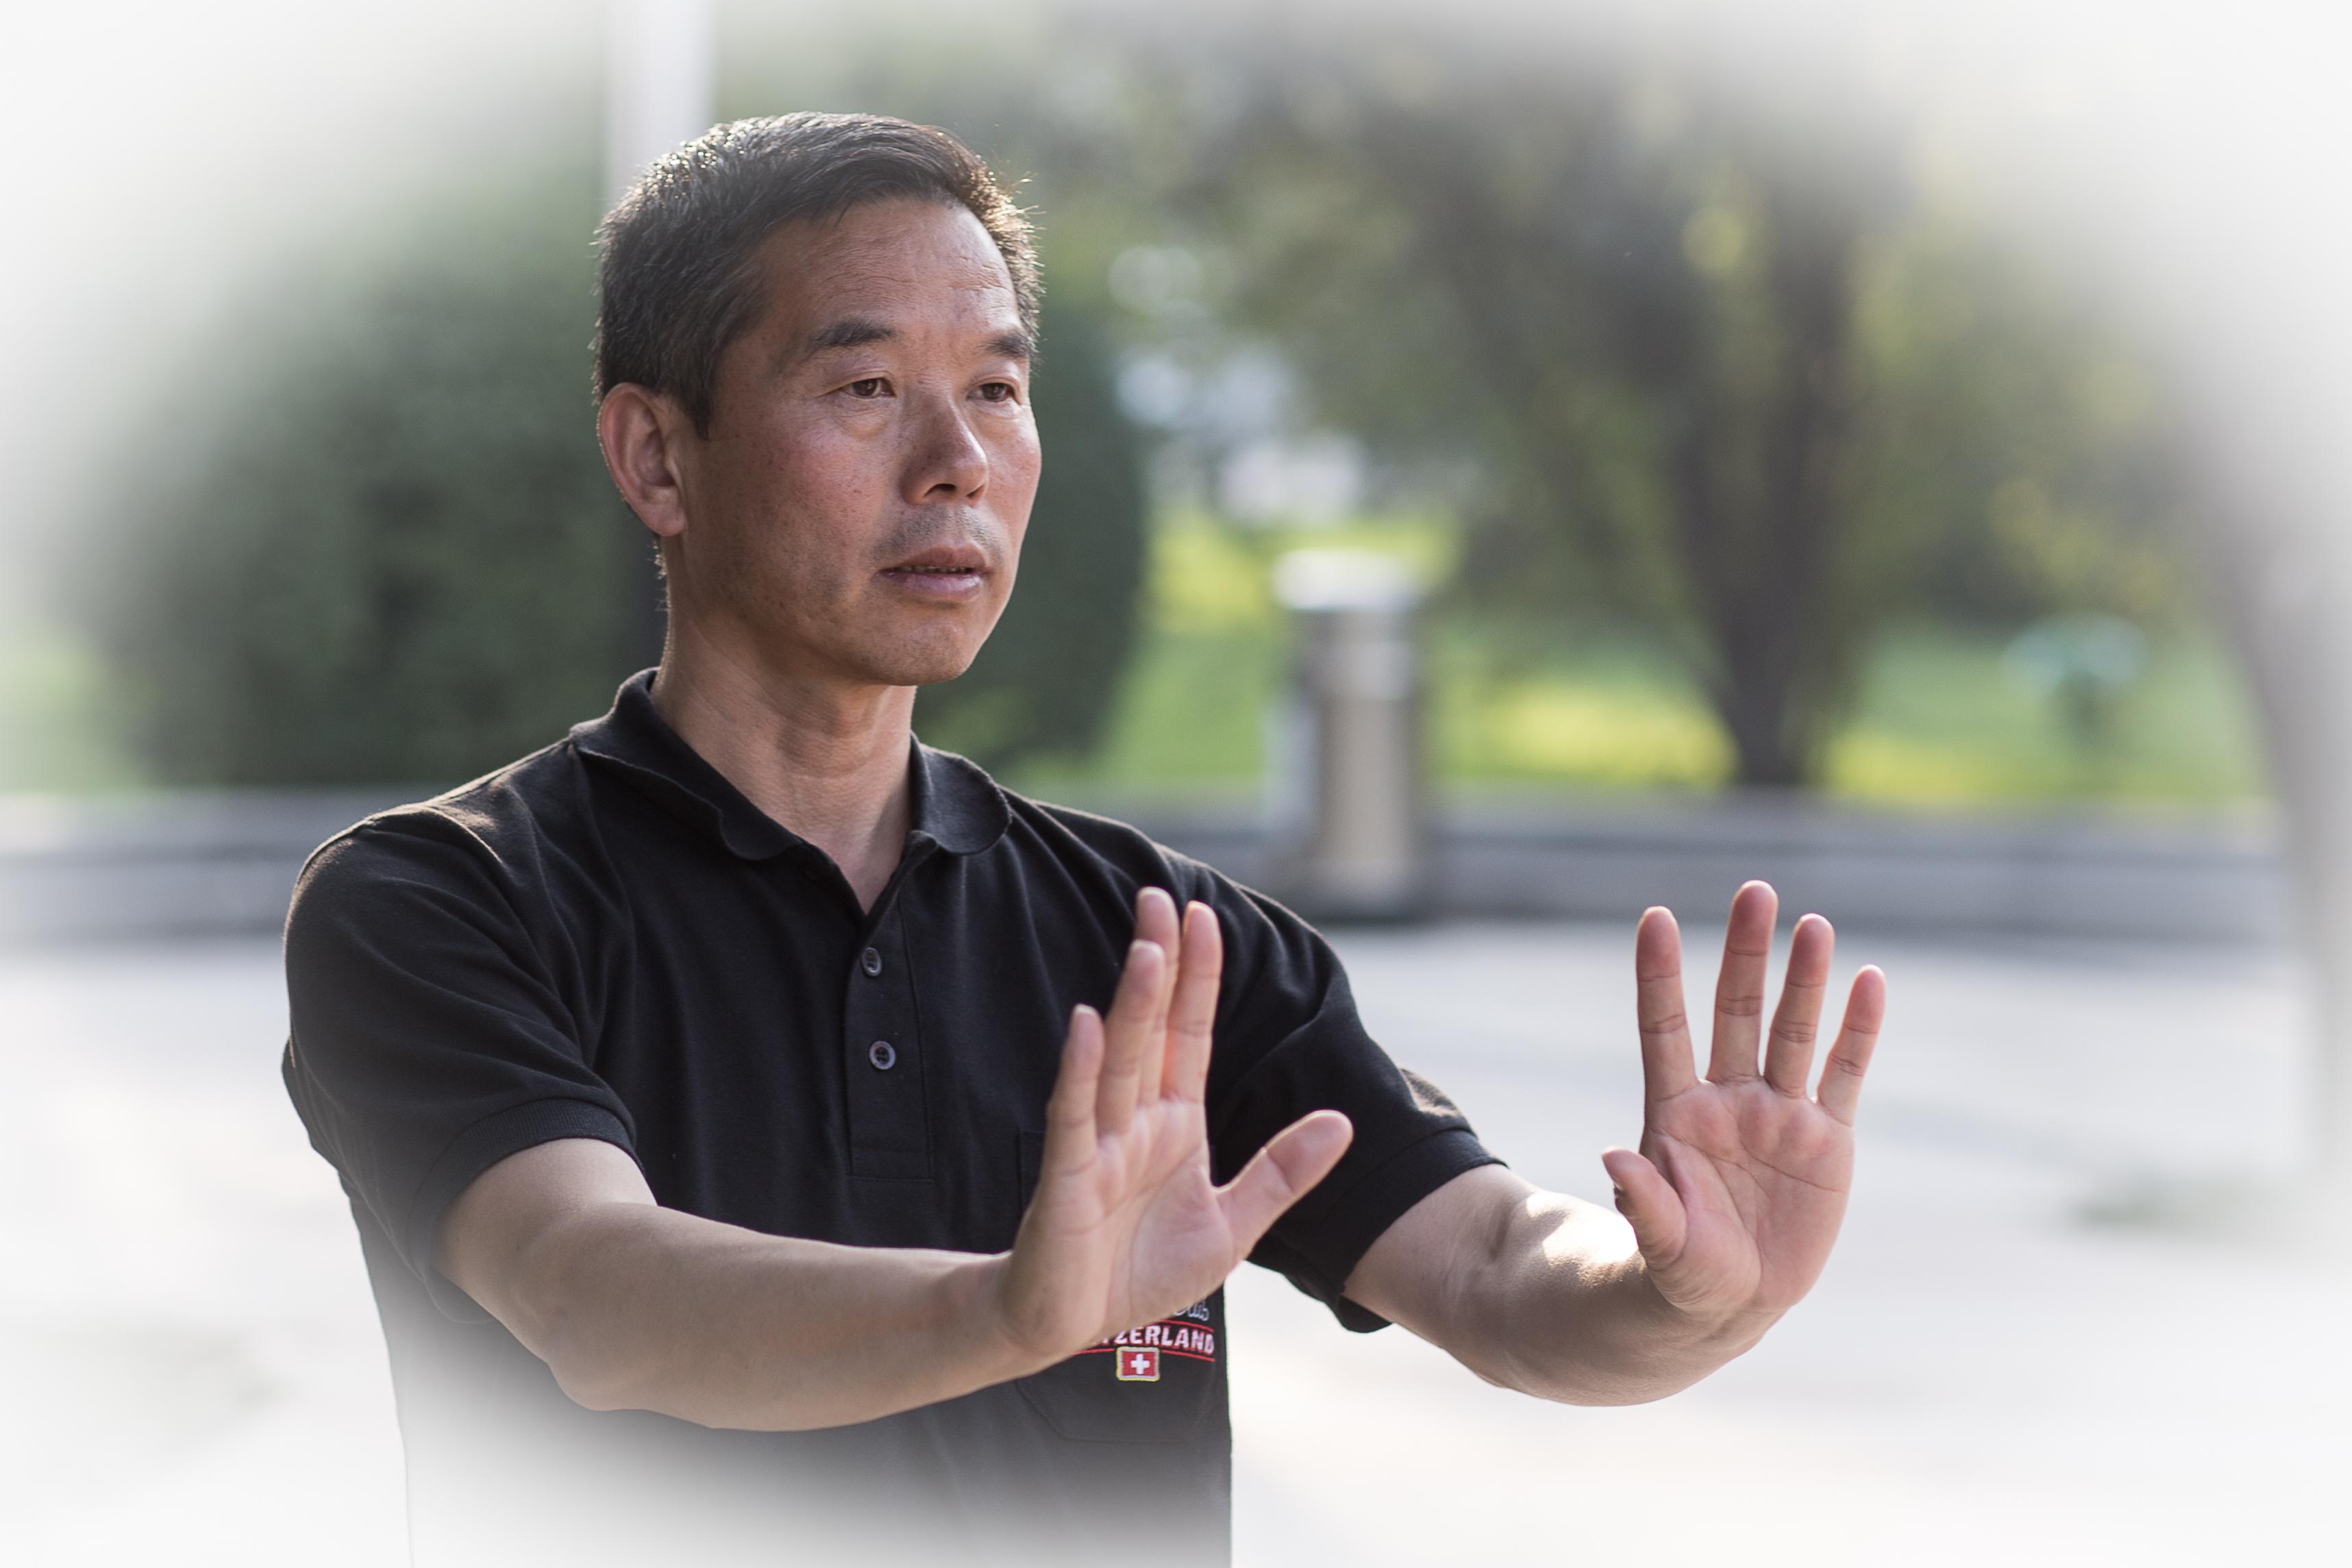 Master Yang Yubing